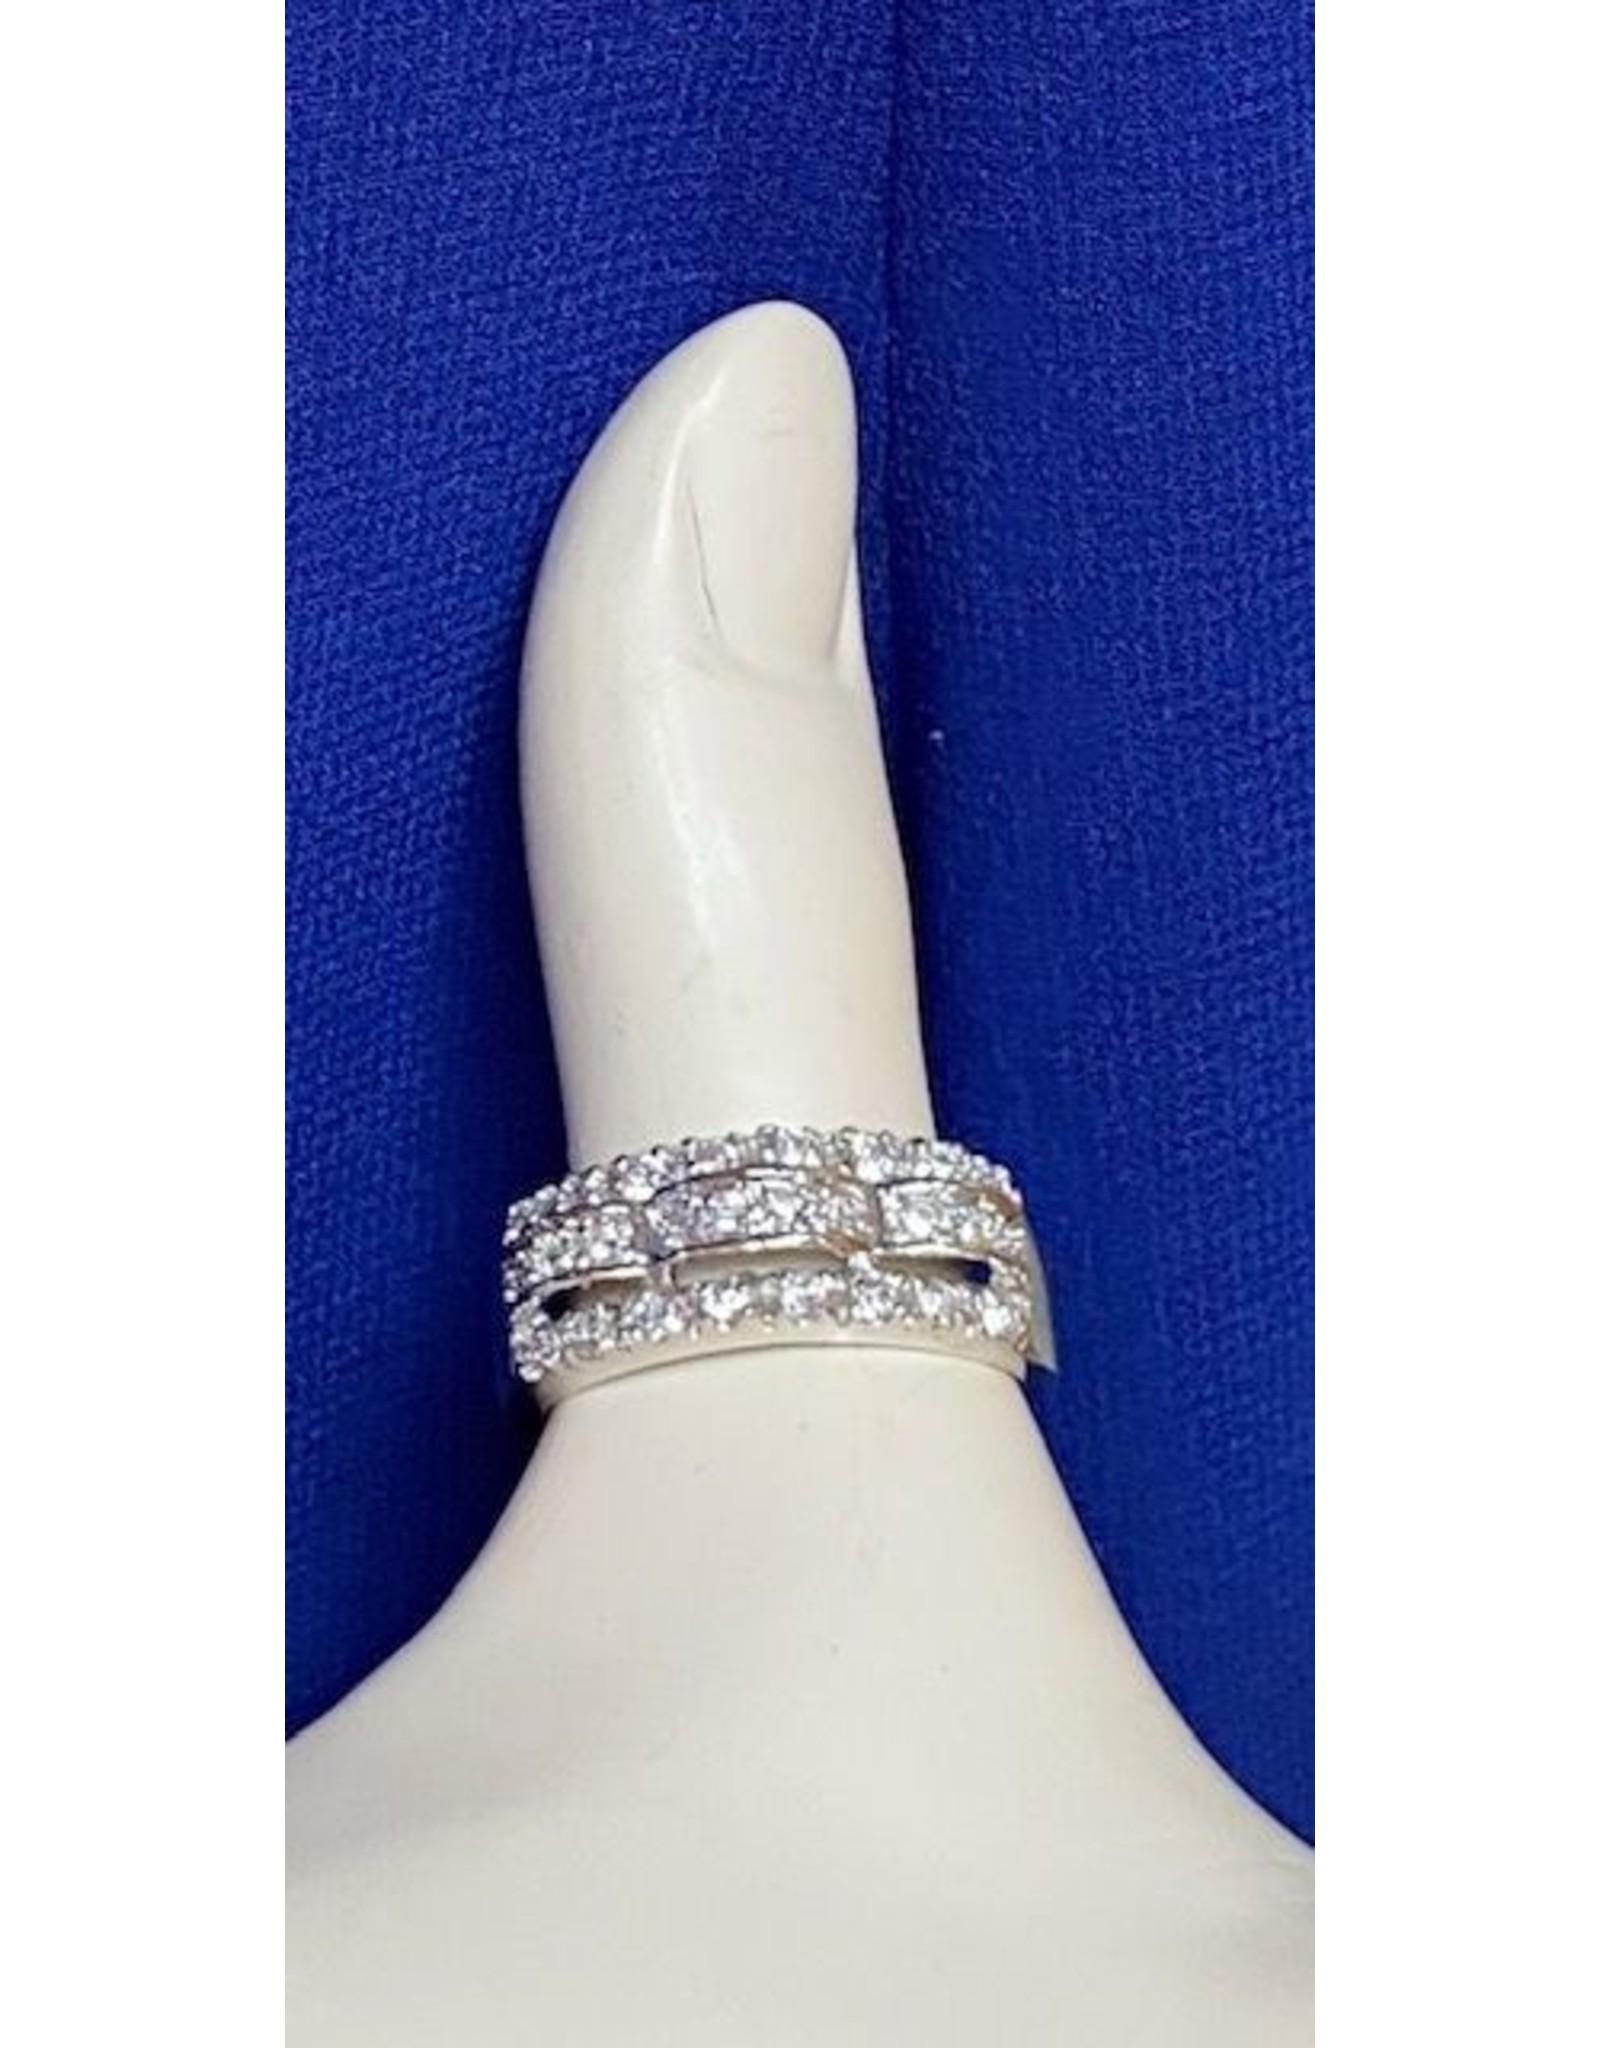 Raised Band Fashion Ring